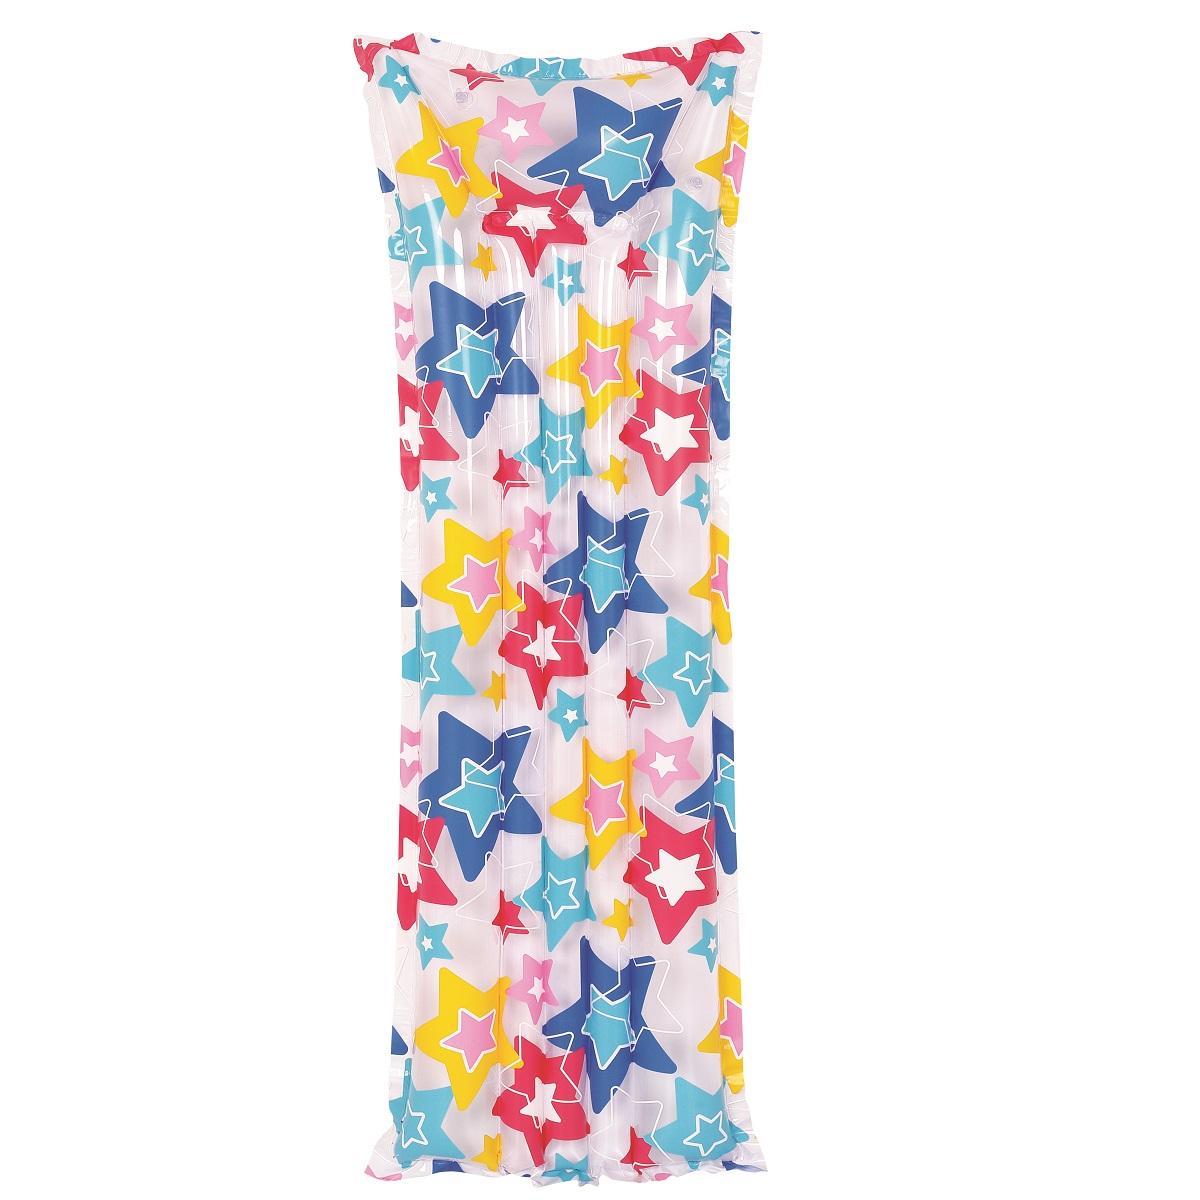 Nafukovací lehátko Colorful 183 x 69 cm